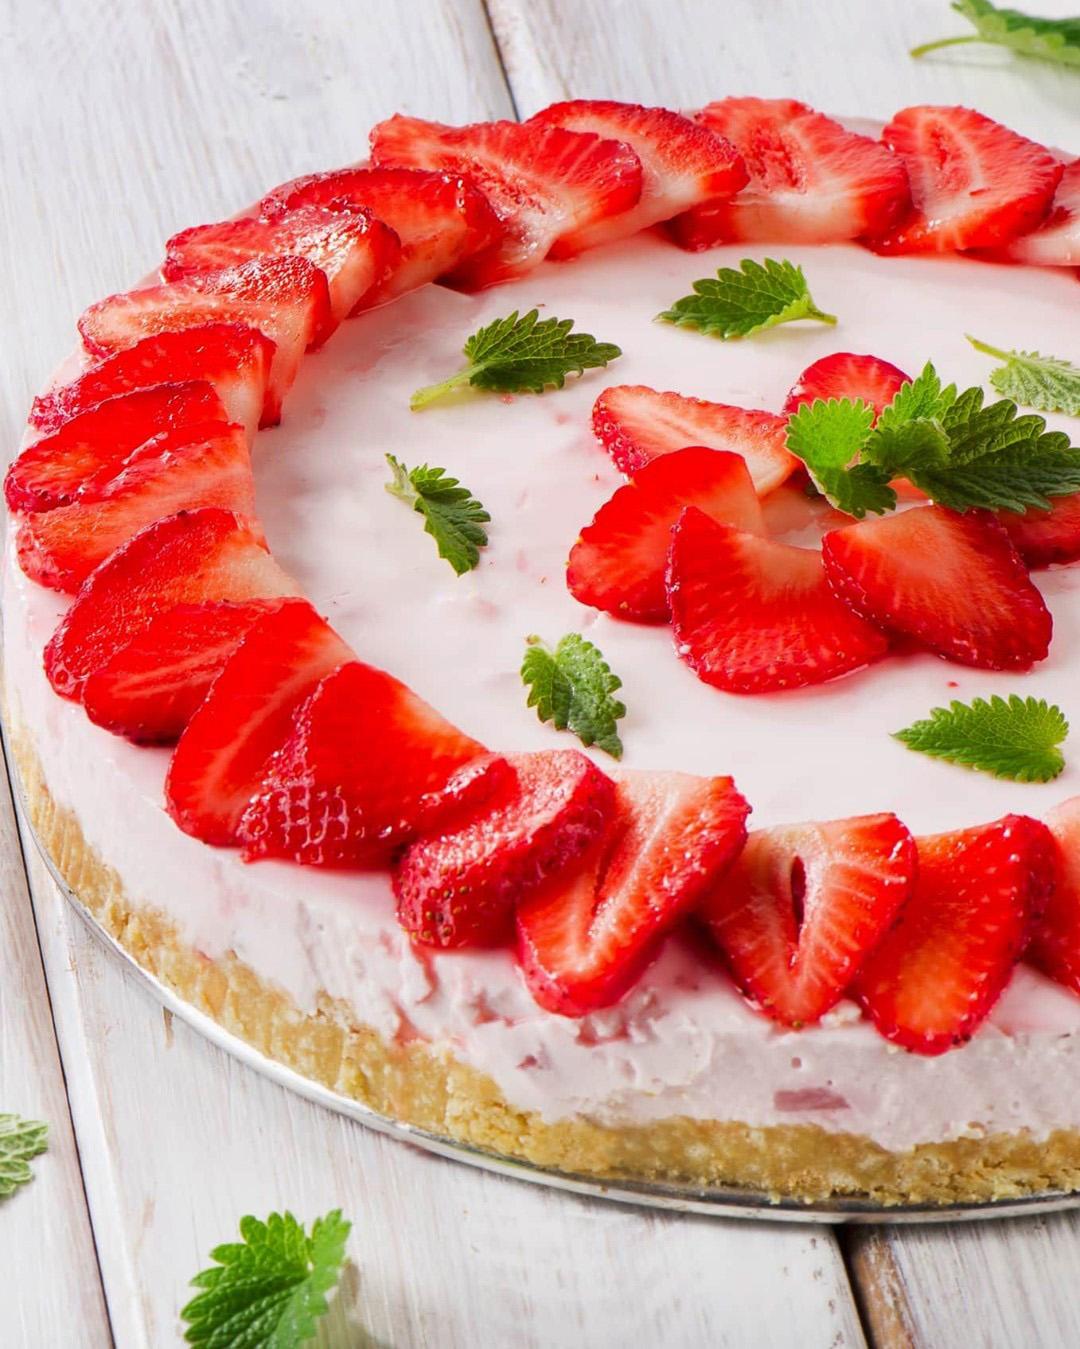 طرز تهیه چیز کیک توت فرنگی با کیک خوشمزه و مجلسی برای روز عشق